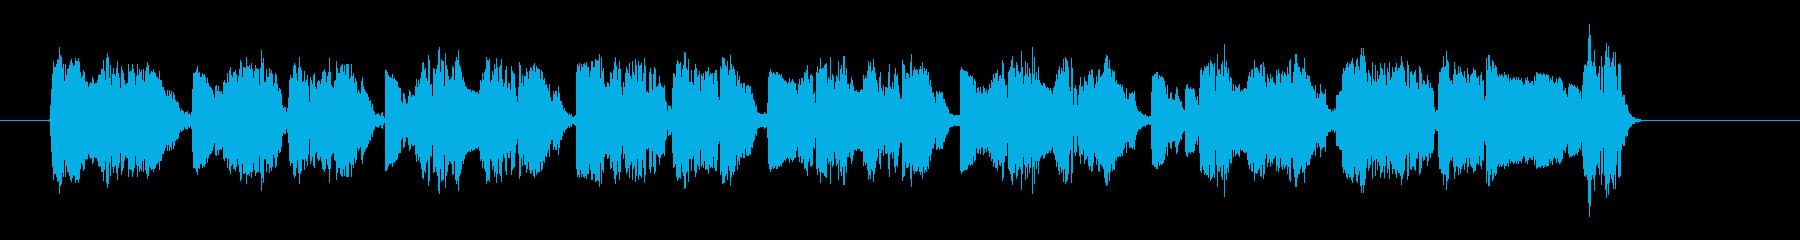 ザラついたサウンドのダンスナンバーの再生済みの波形